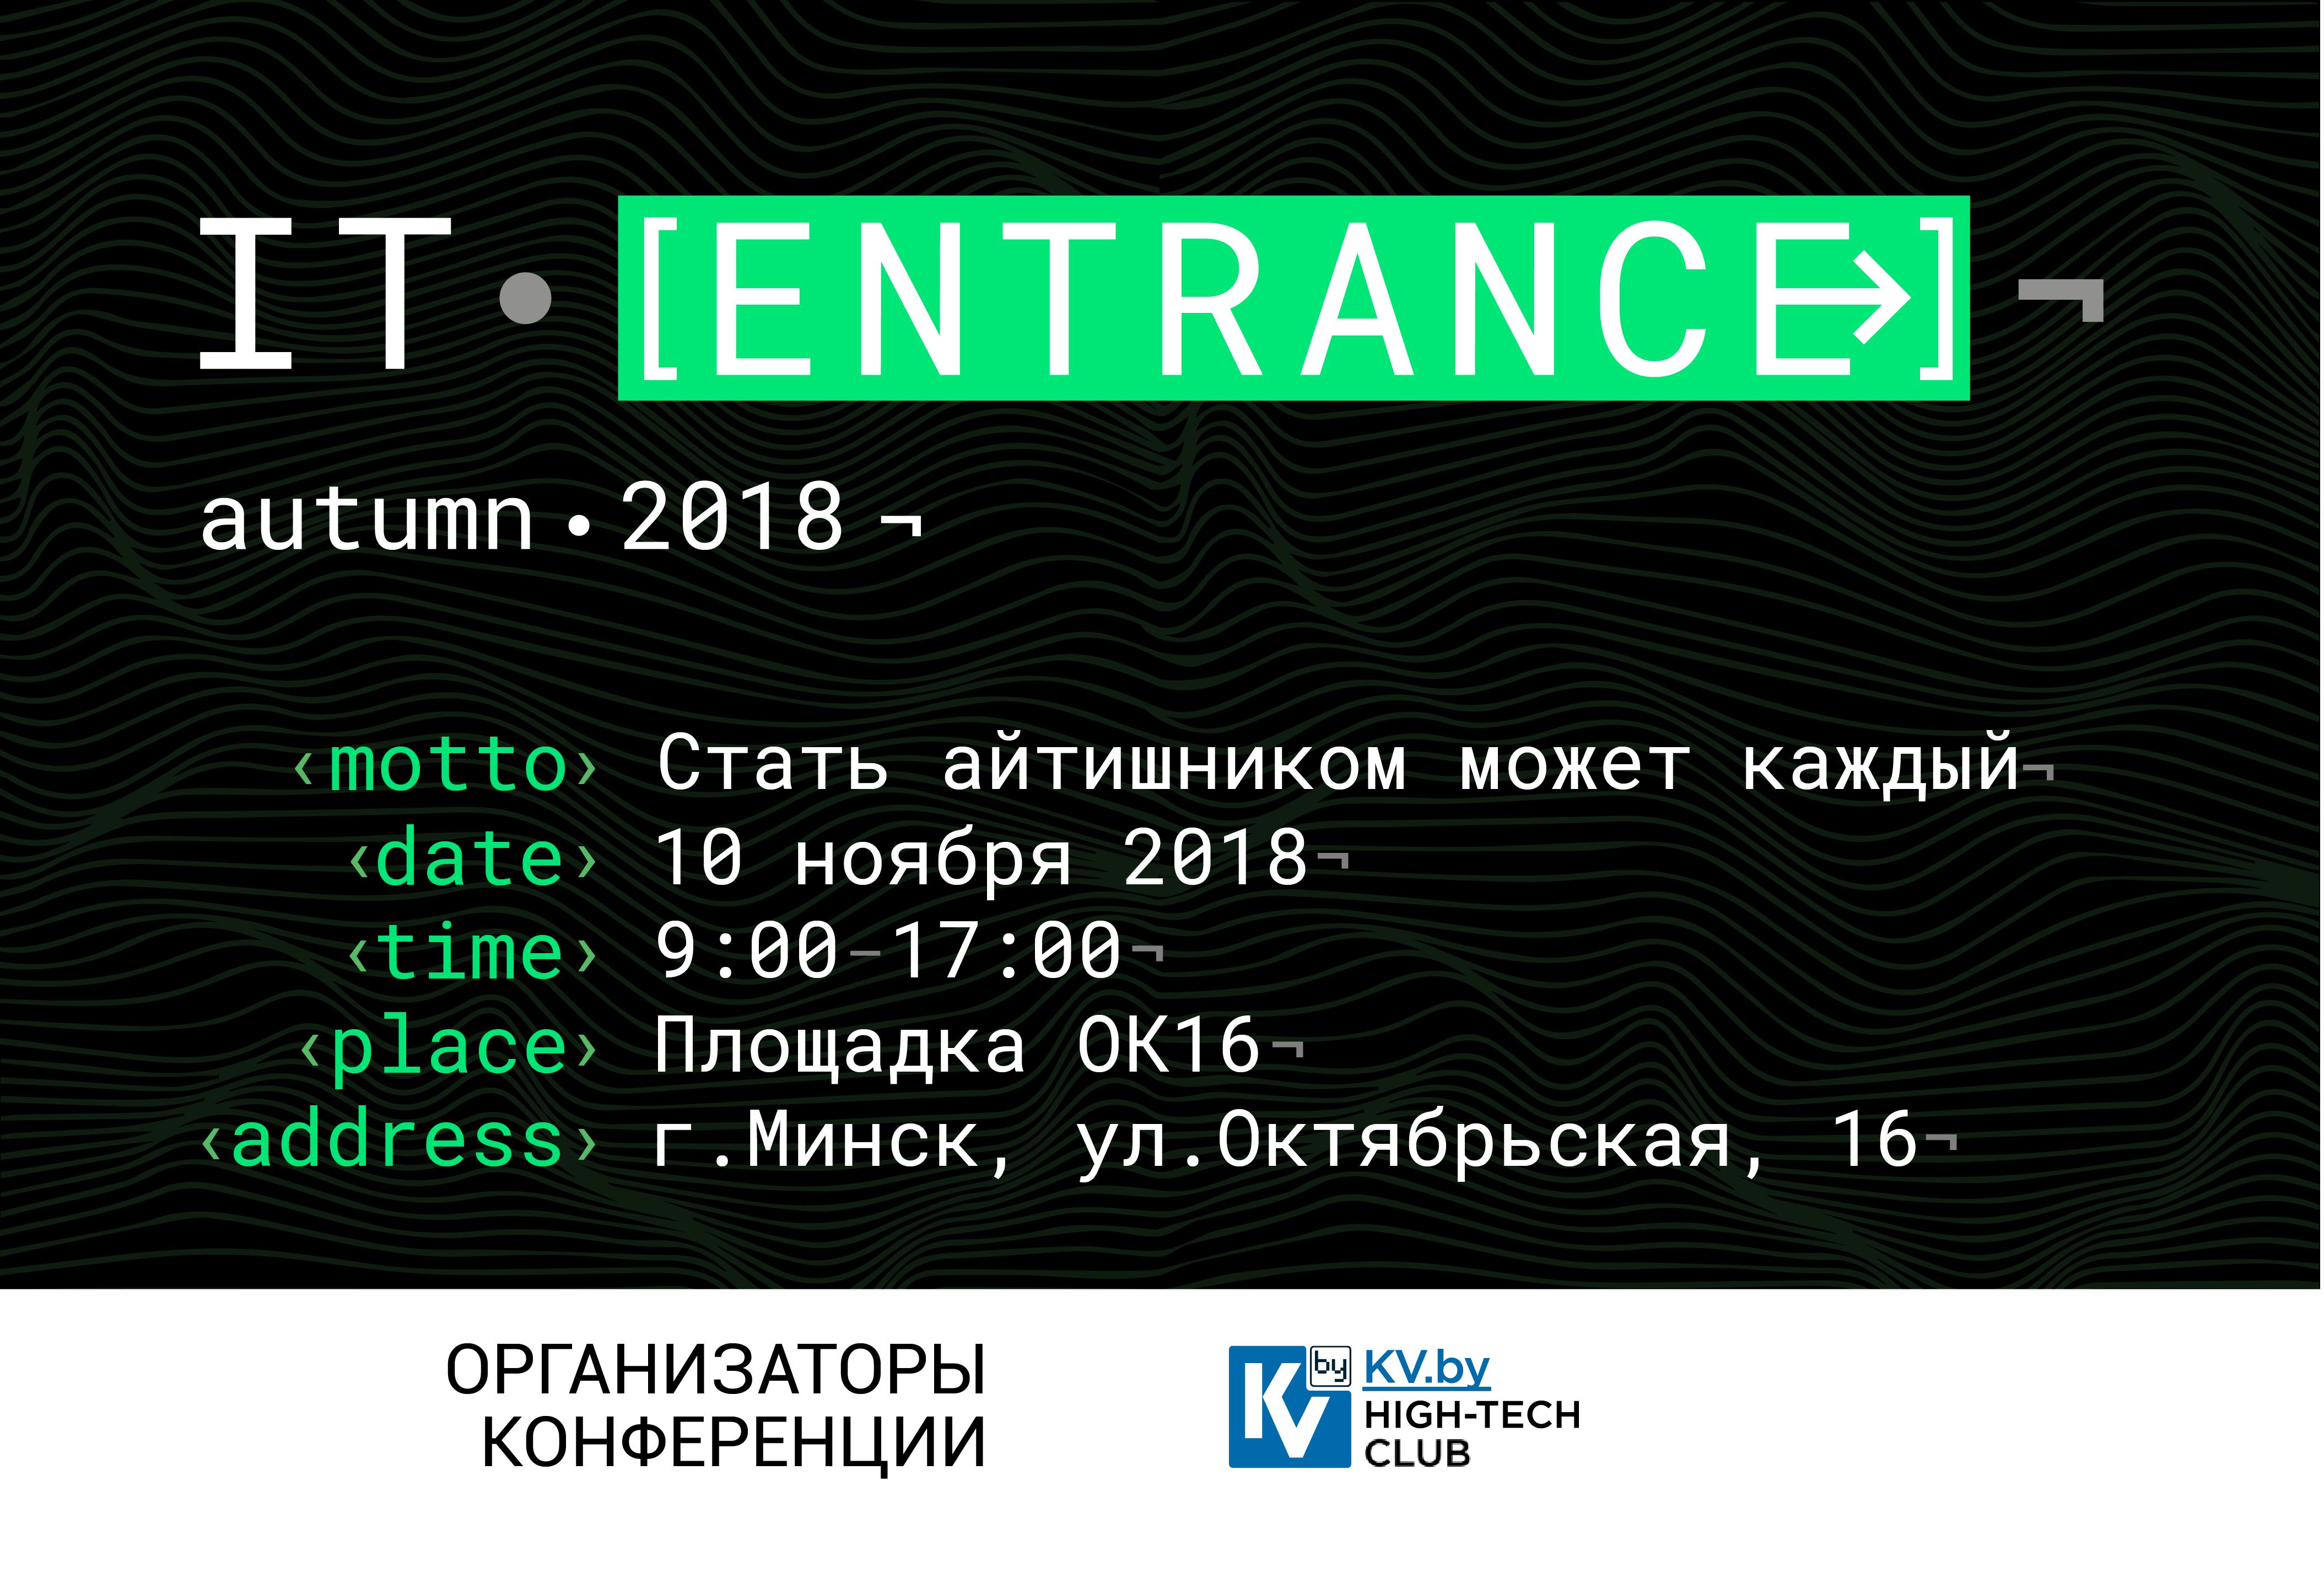 В Минске пройдет ежегодная конференция IT Entrance autumn 2018